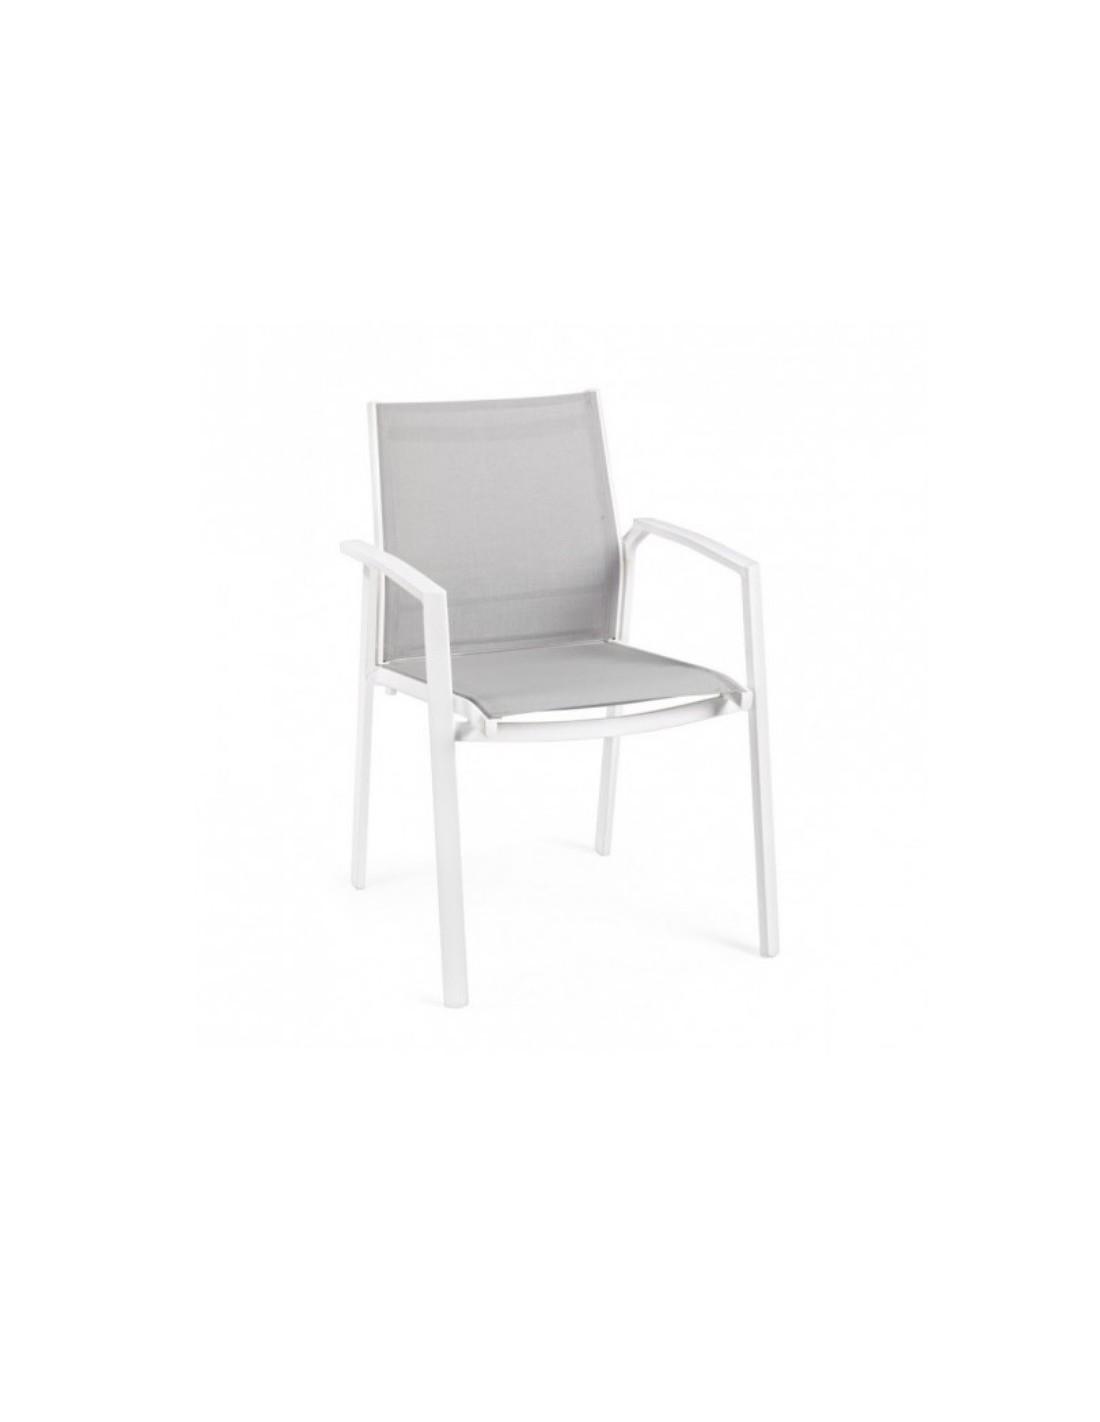 Sedie Da Esterno Con Braccioli.Sedia Da Esterno Con Braccioli Liam Colore Bianco Bizzotto A Soli